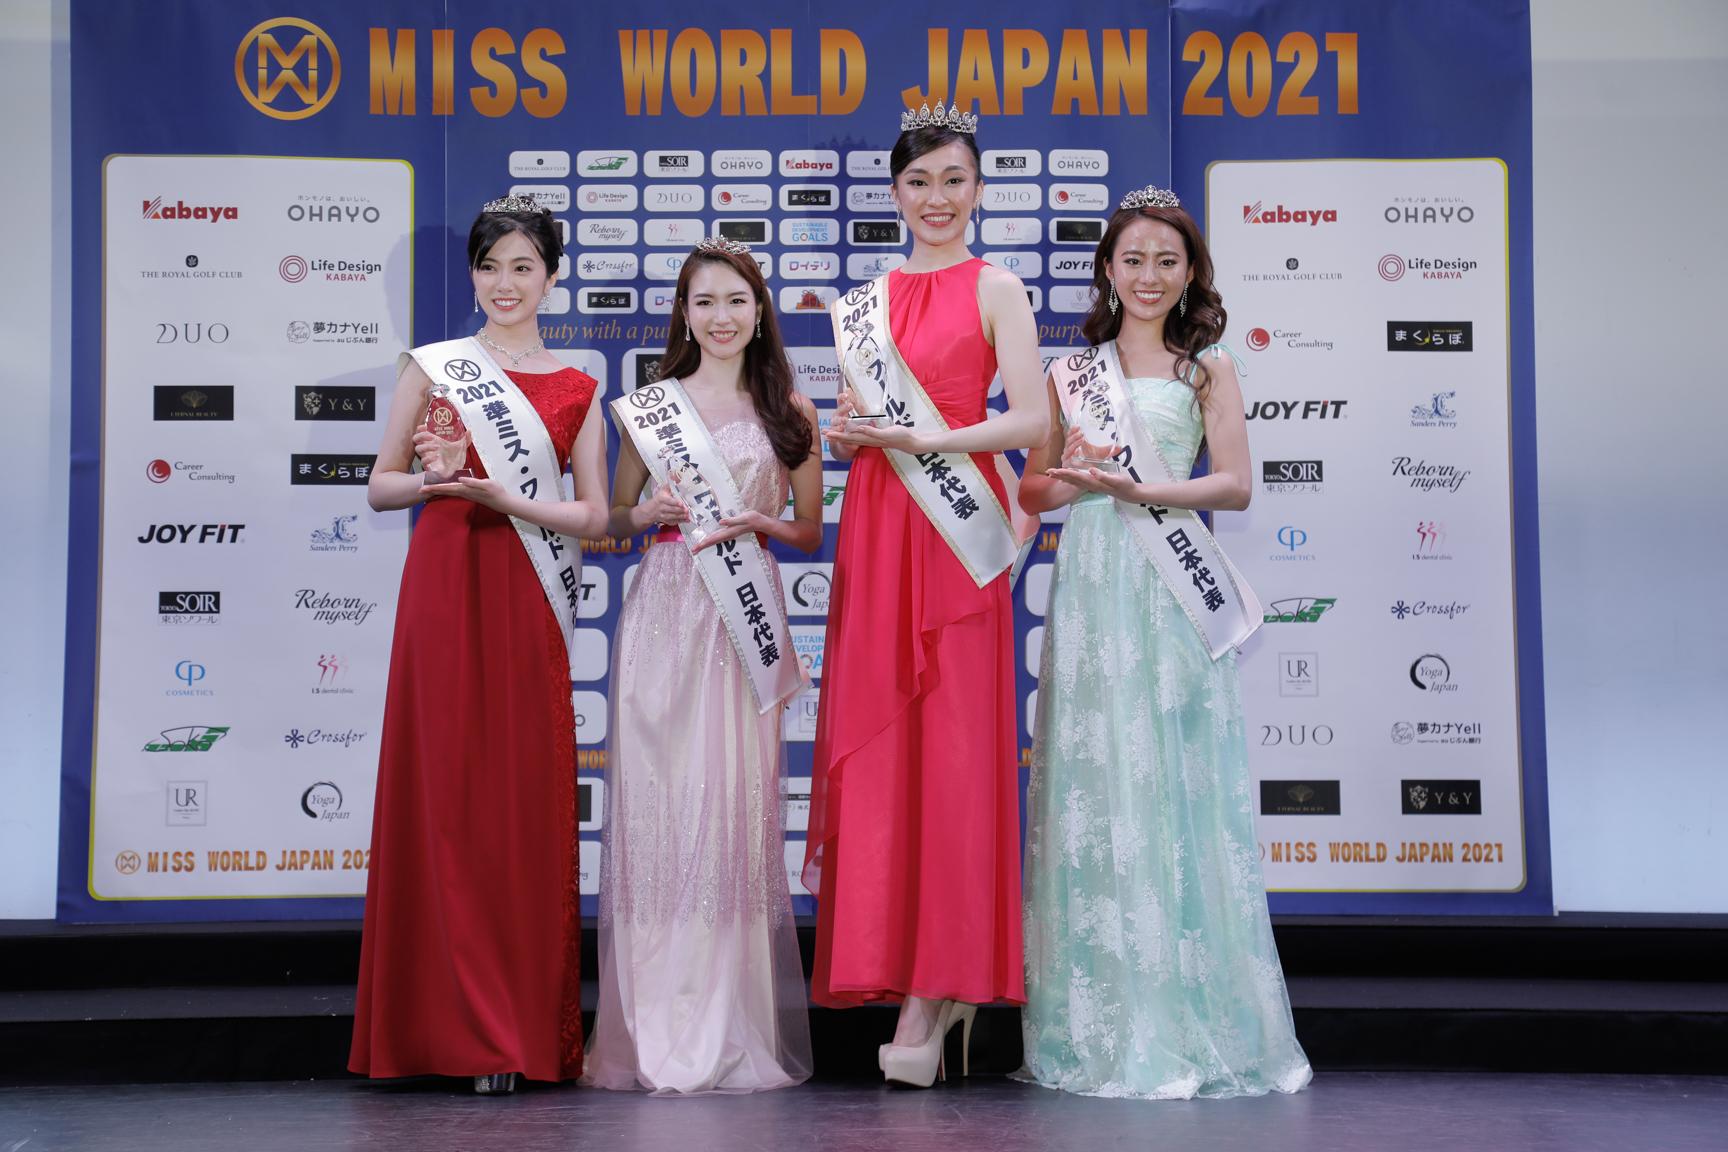 結那、冨田キアナ、星たまき、武用華音 in ミス・ワールド2021 日本大会